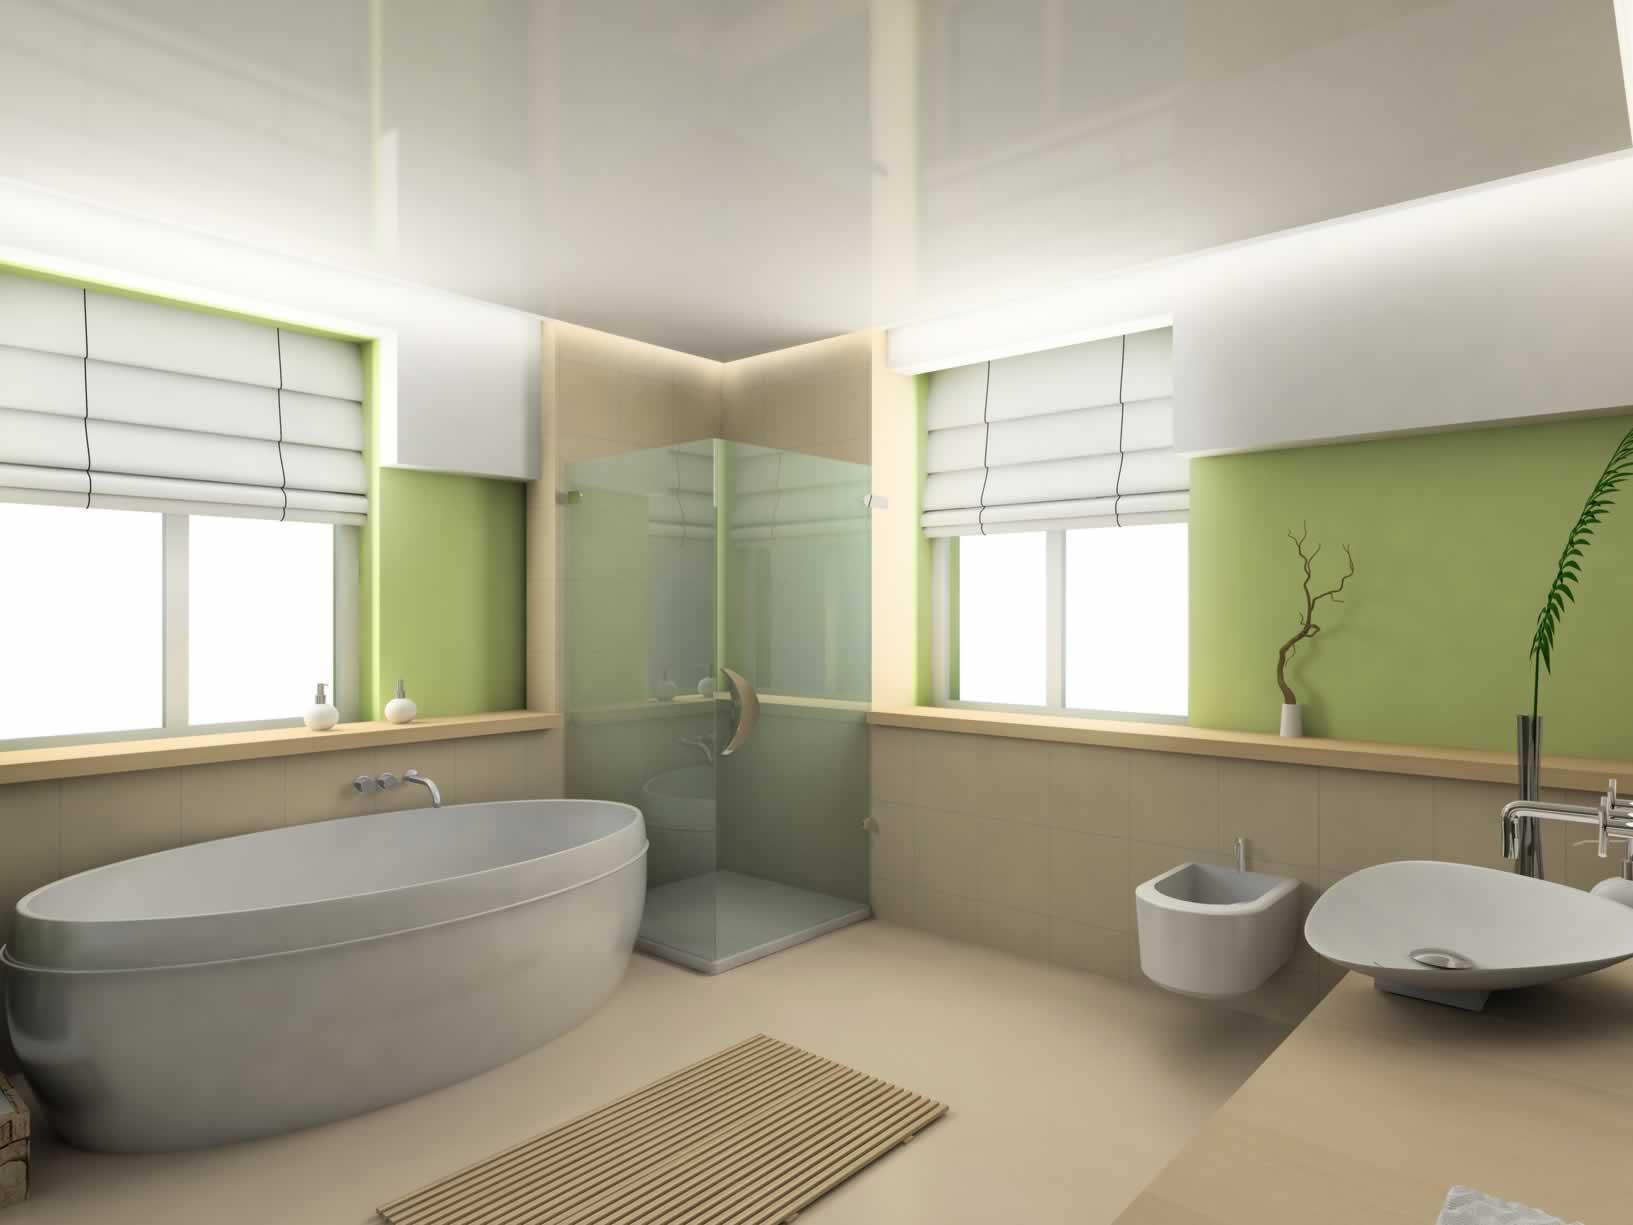 Badezimmer Grün: Badezimmer Fliesen Beispiele Mit Keramik In Weis ... Badgestaltung Mit Farbe Frohliches Farbschema Gefallt Den Kindern